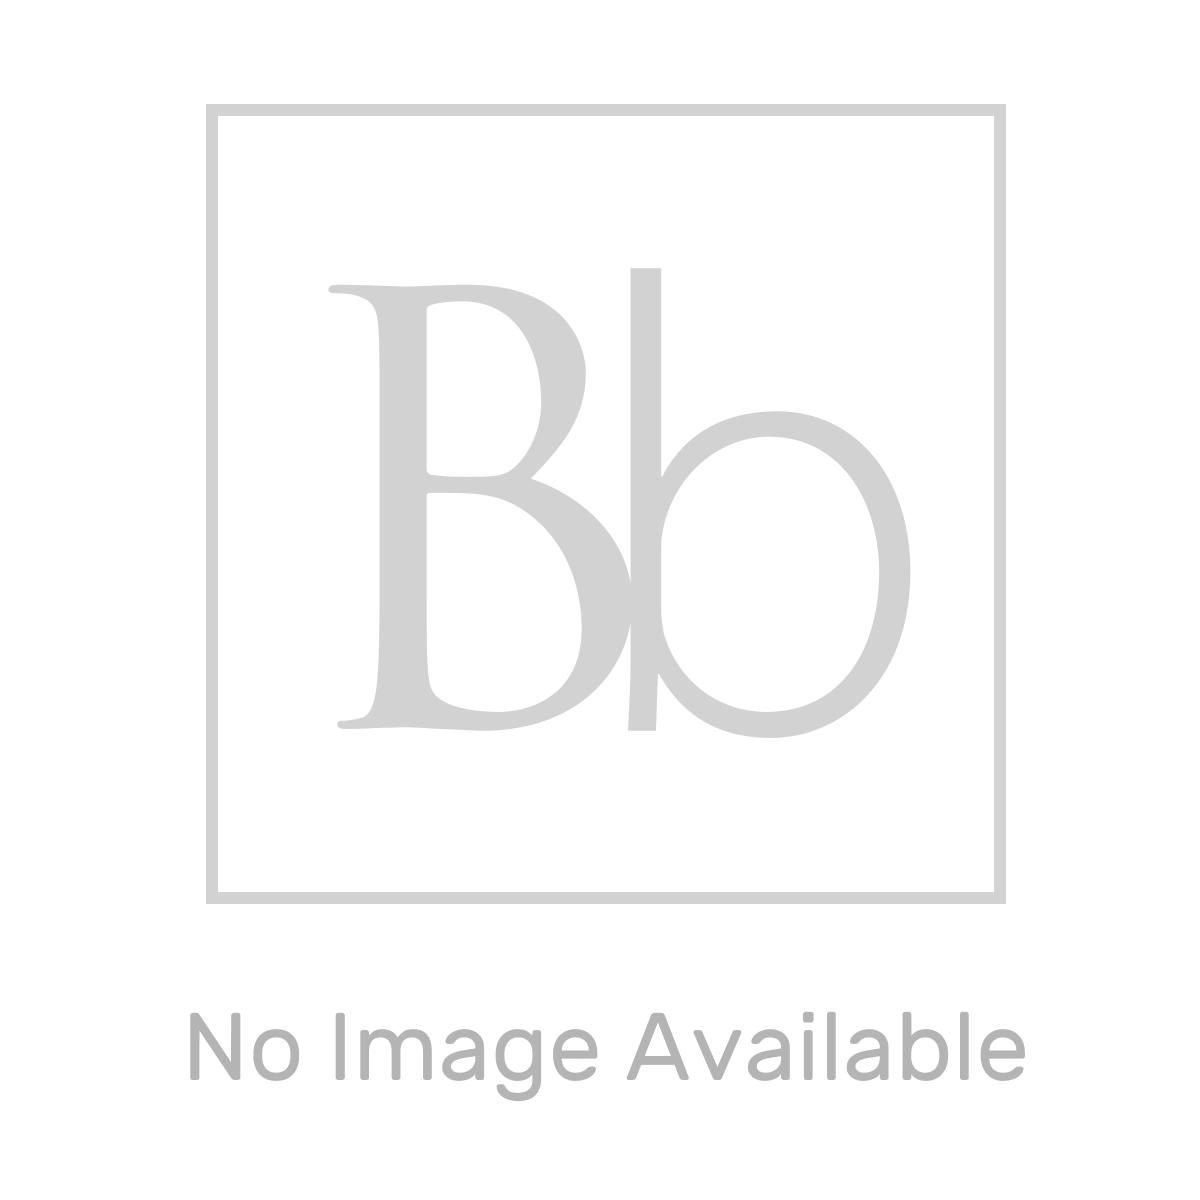 Premier Freya White Toilet